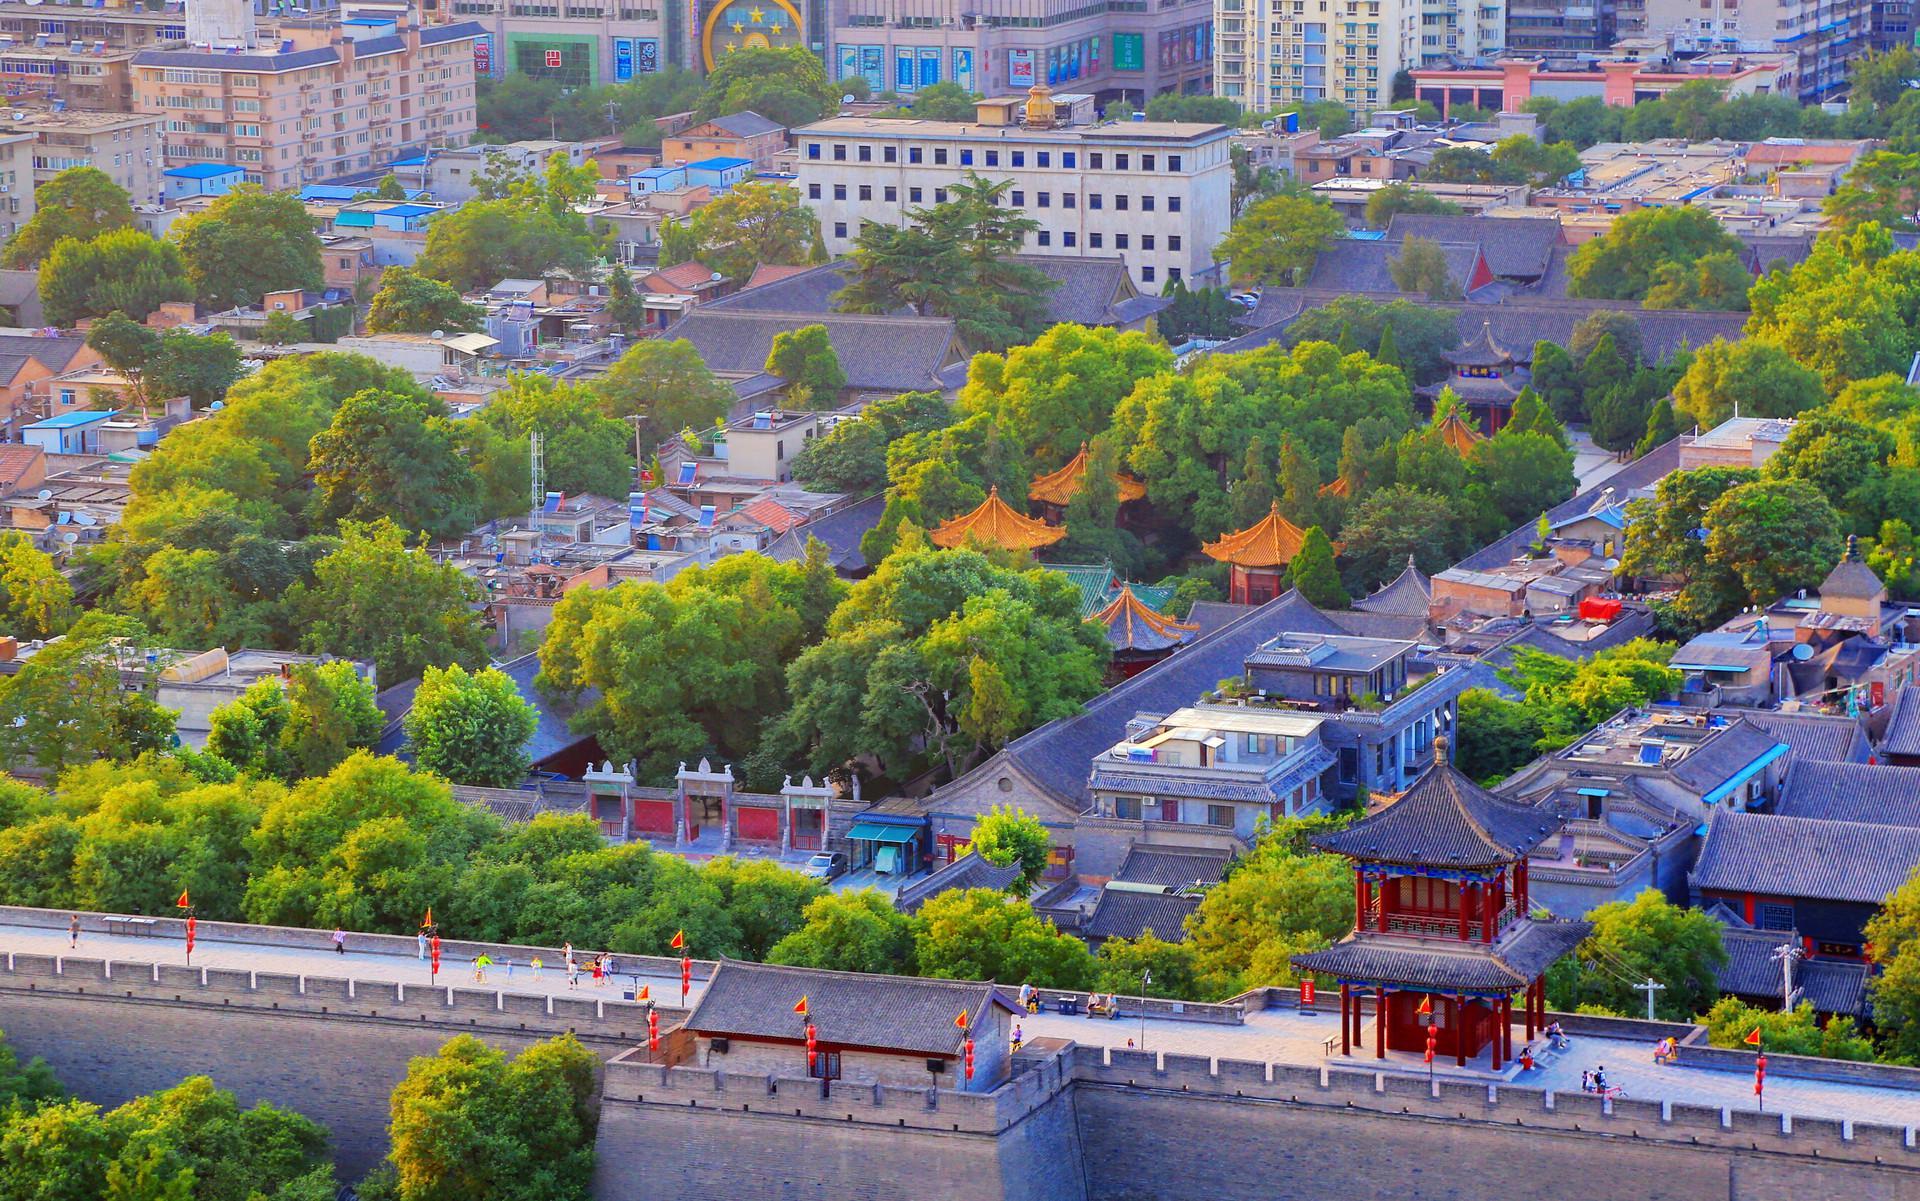 西安最具文化的景区,收藏我国最多的碑文,国宝级文物100多件